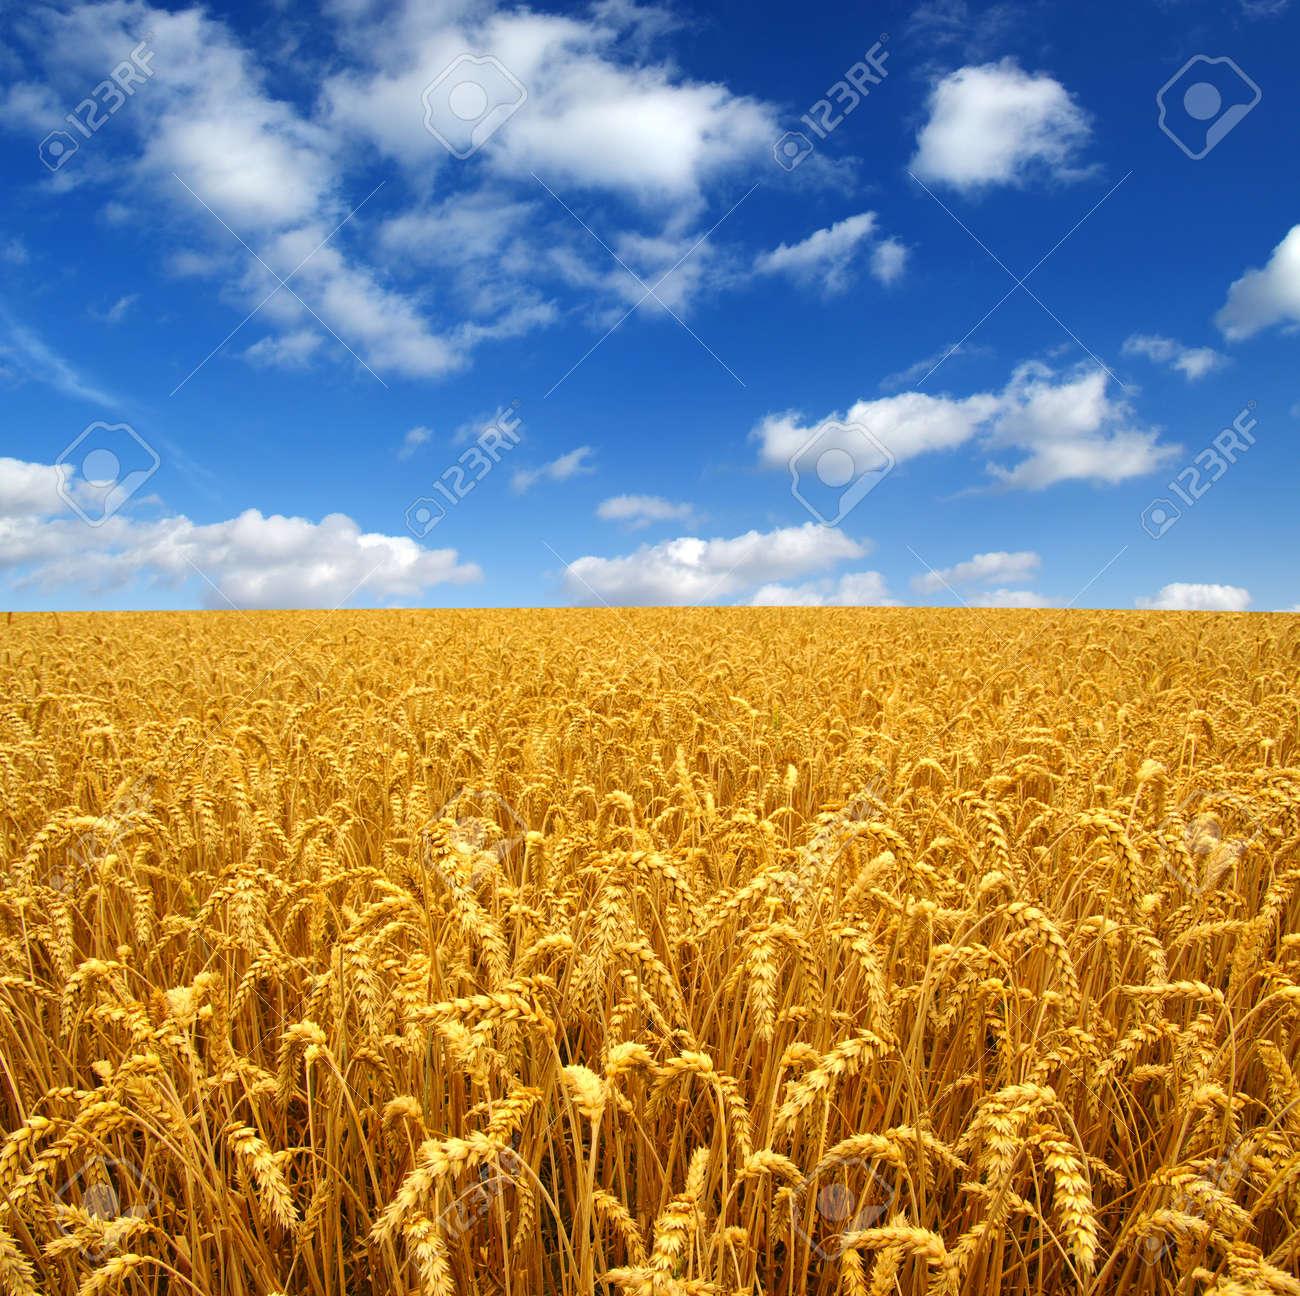 Champ de blé Banque d'images - 38870528